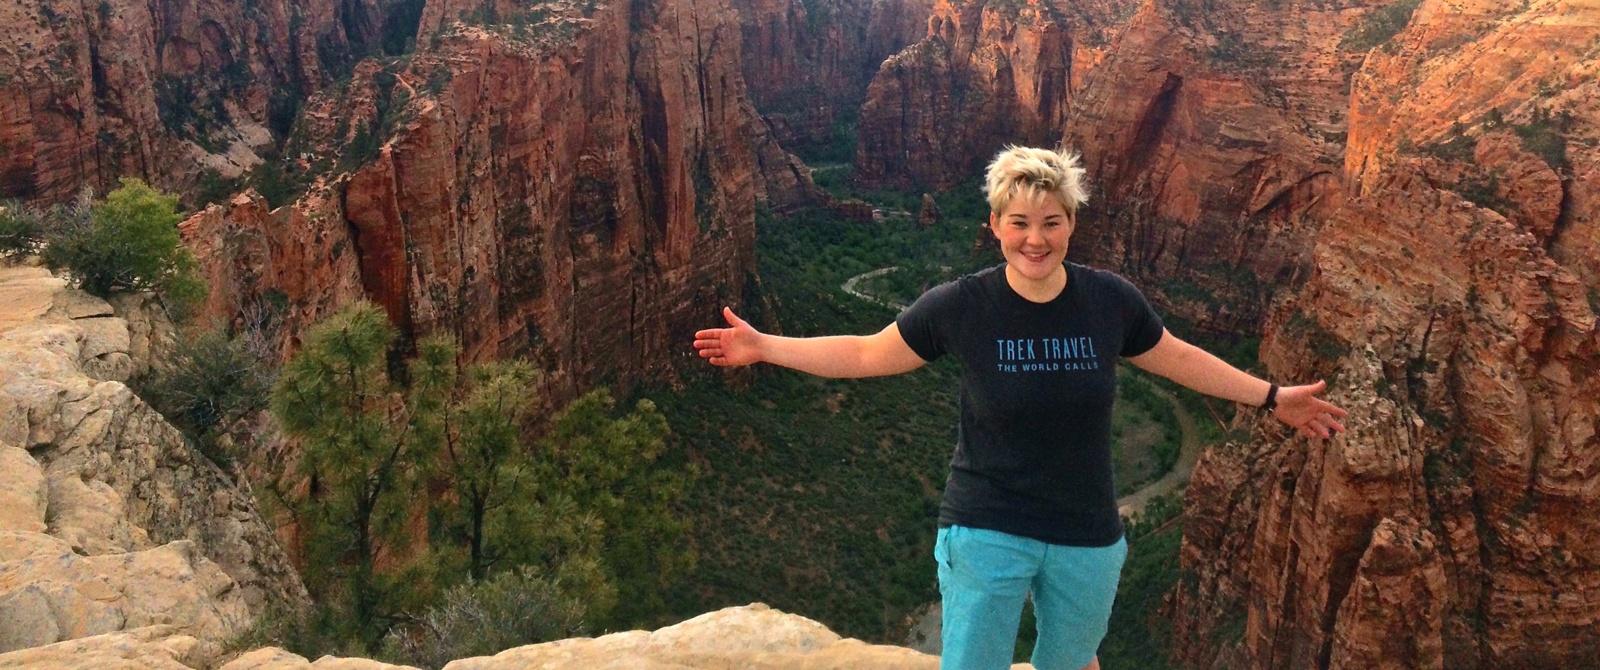 Meet Grace Heimsness, bike tour guide for Trek Travel